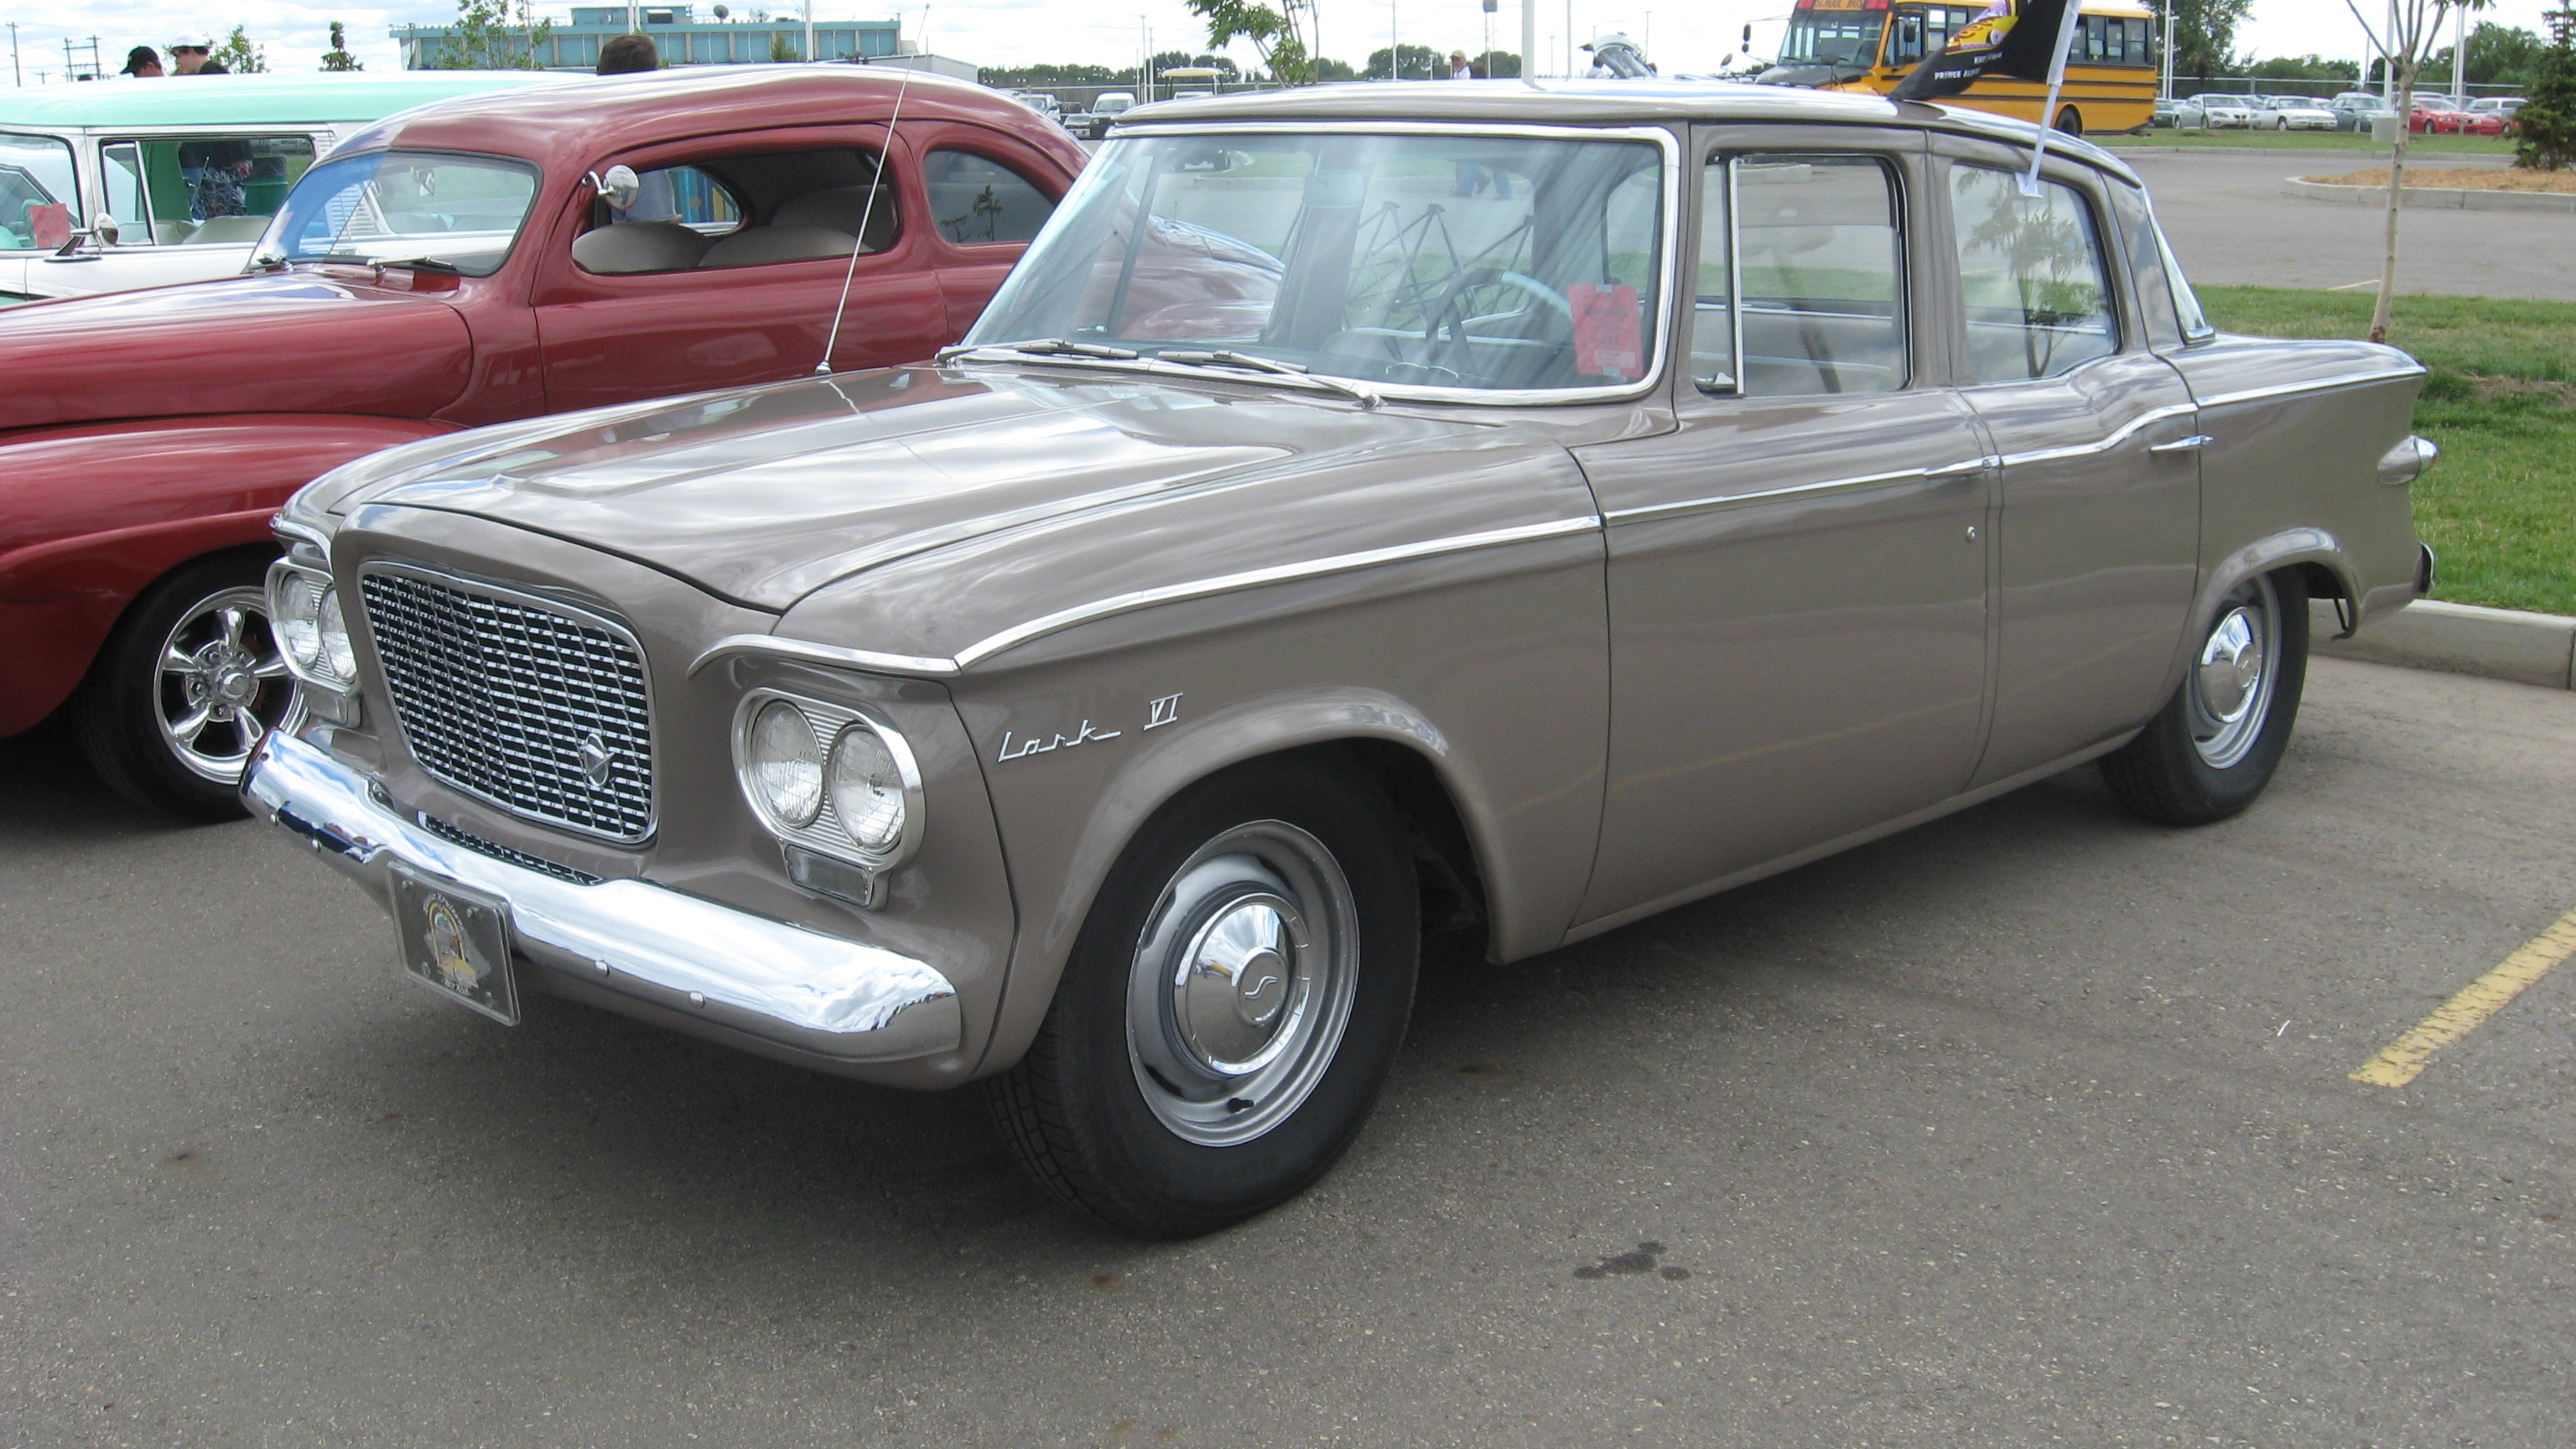 File1961 Studebaker Lark VI Four Door Sedan